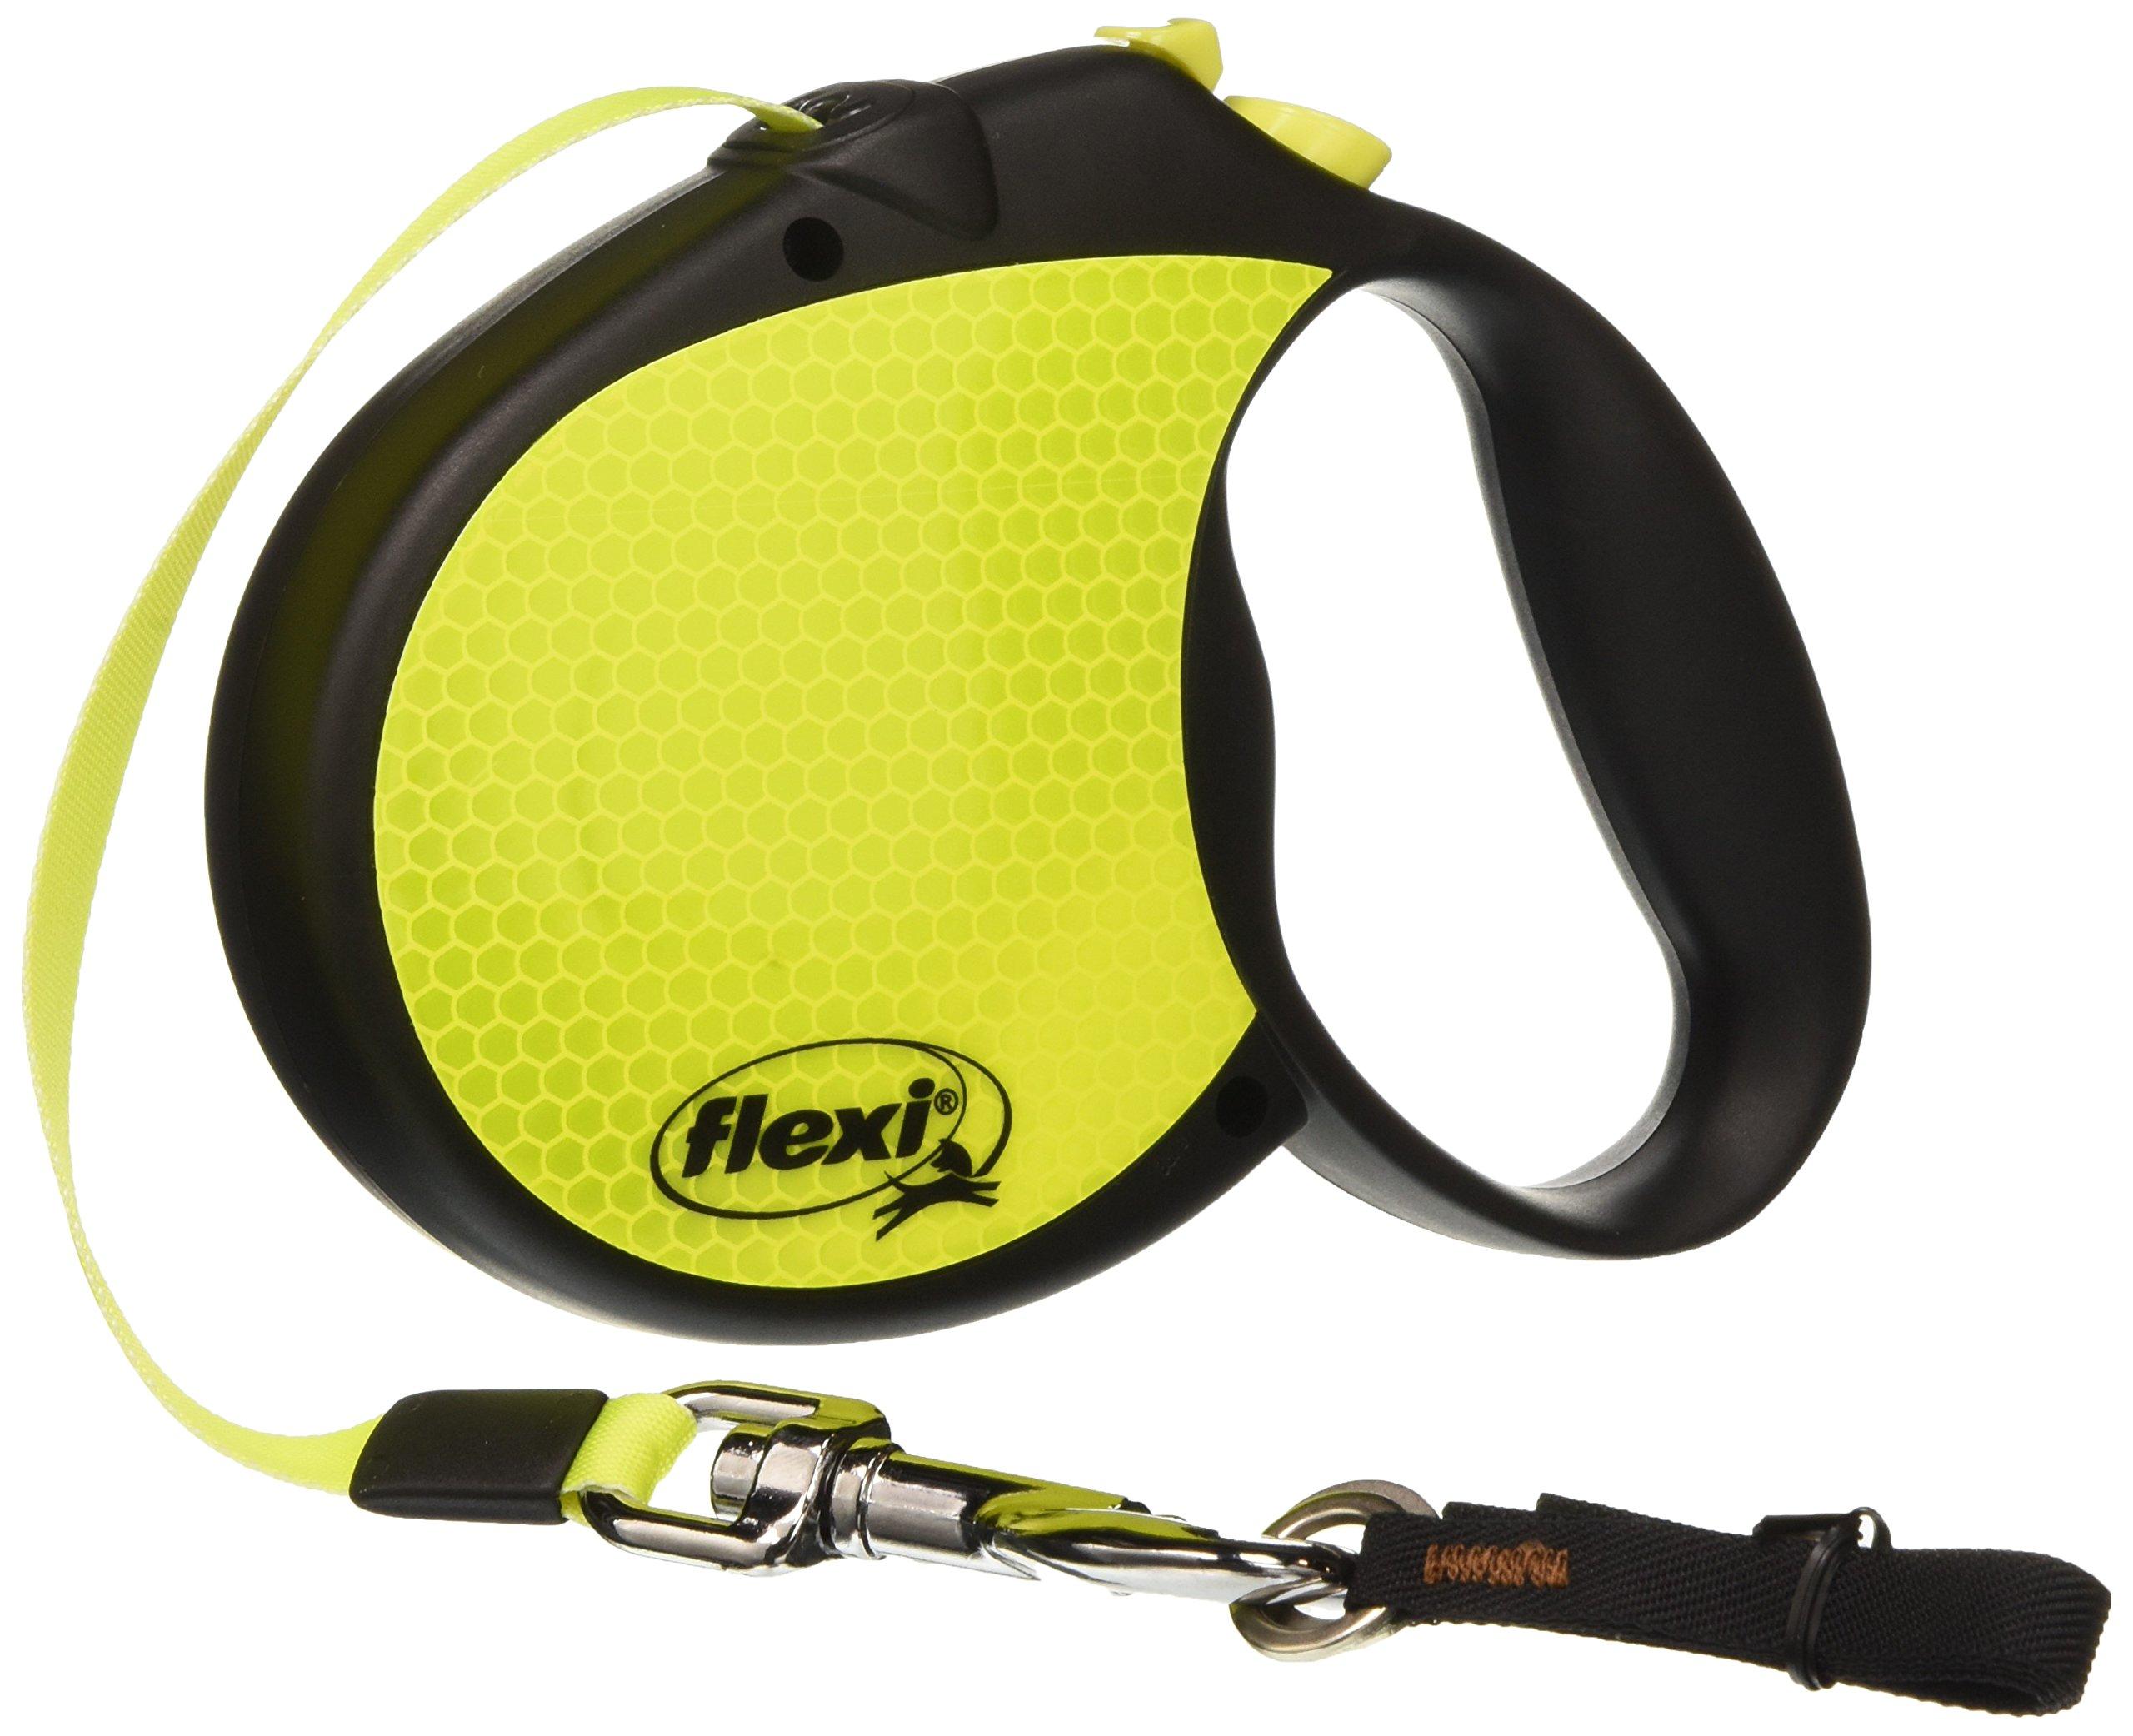 Flexi Neon Retractable Dog Leash (Tape), 16 ft, Large, Black/Neon by Flexi